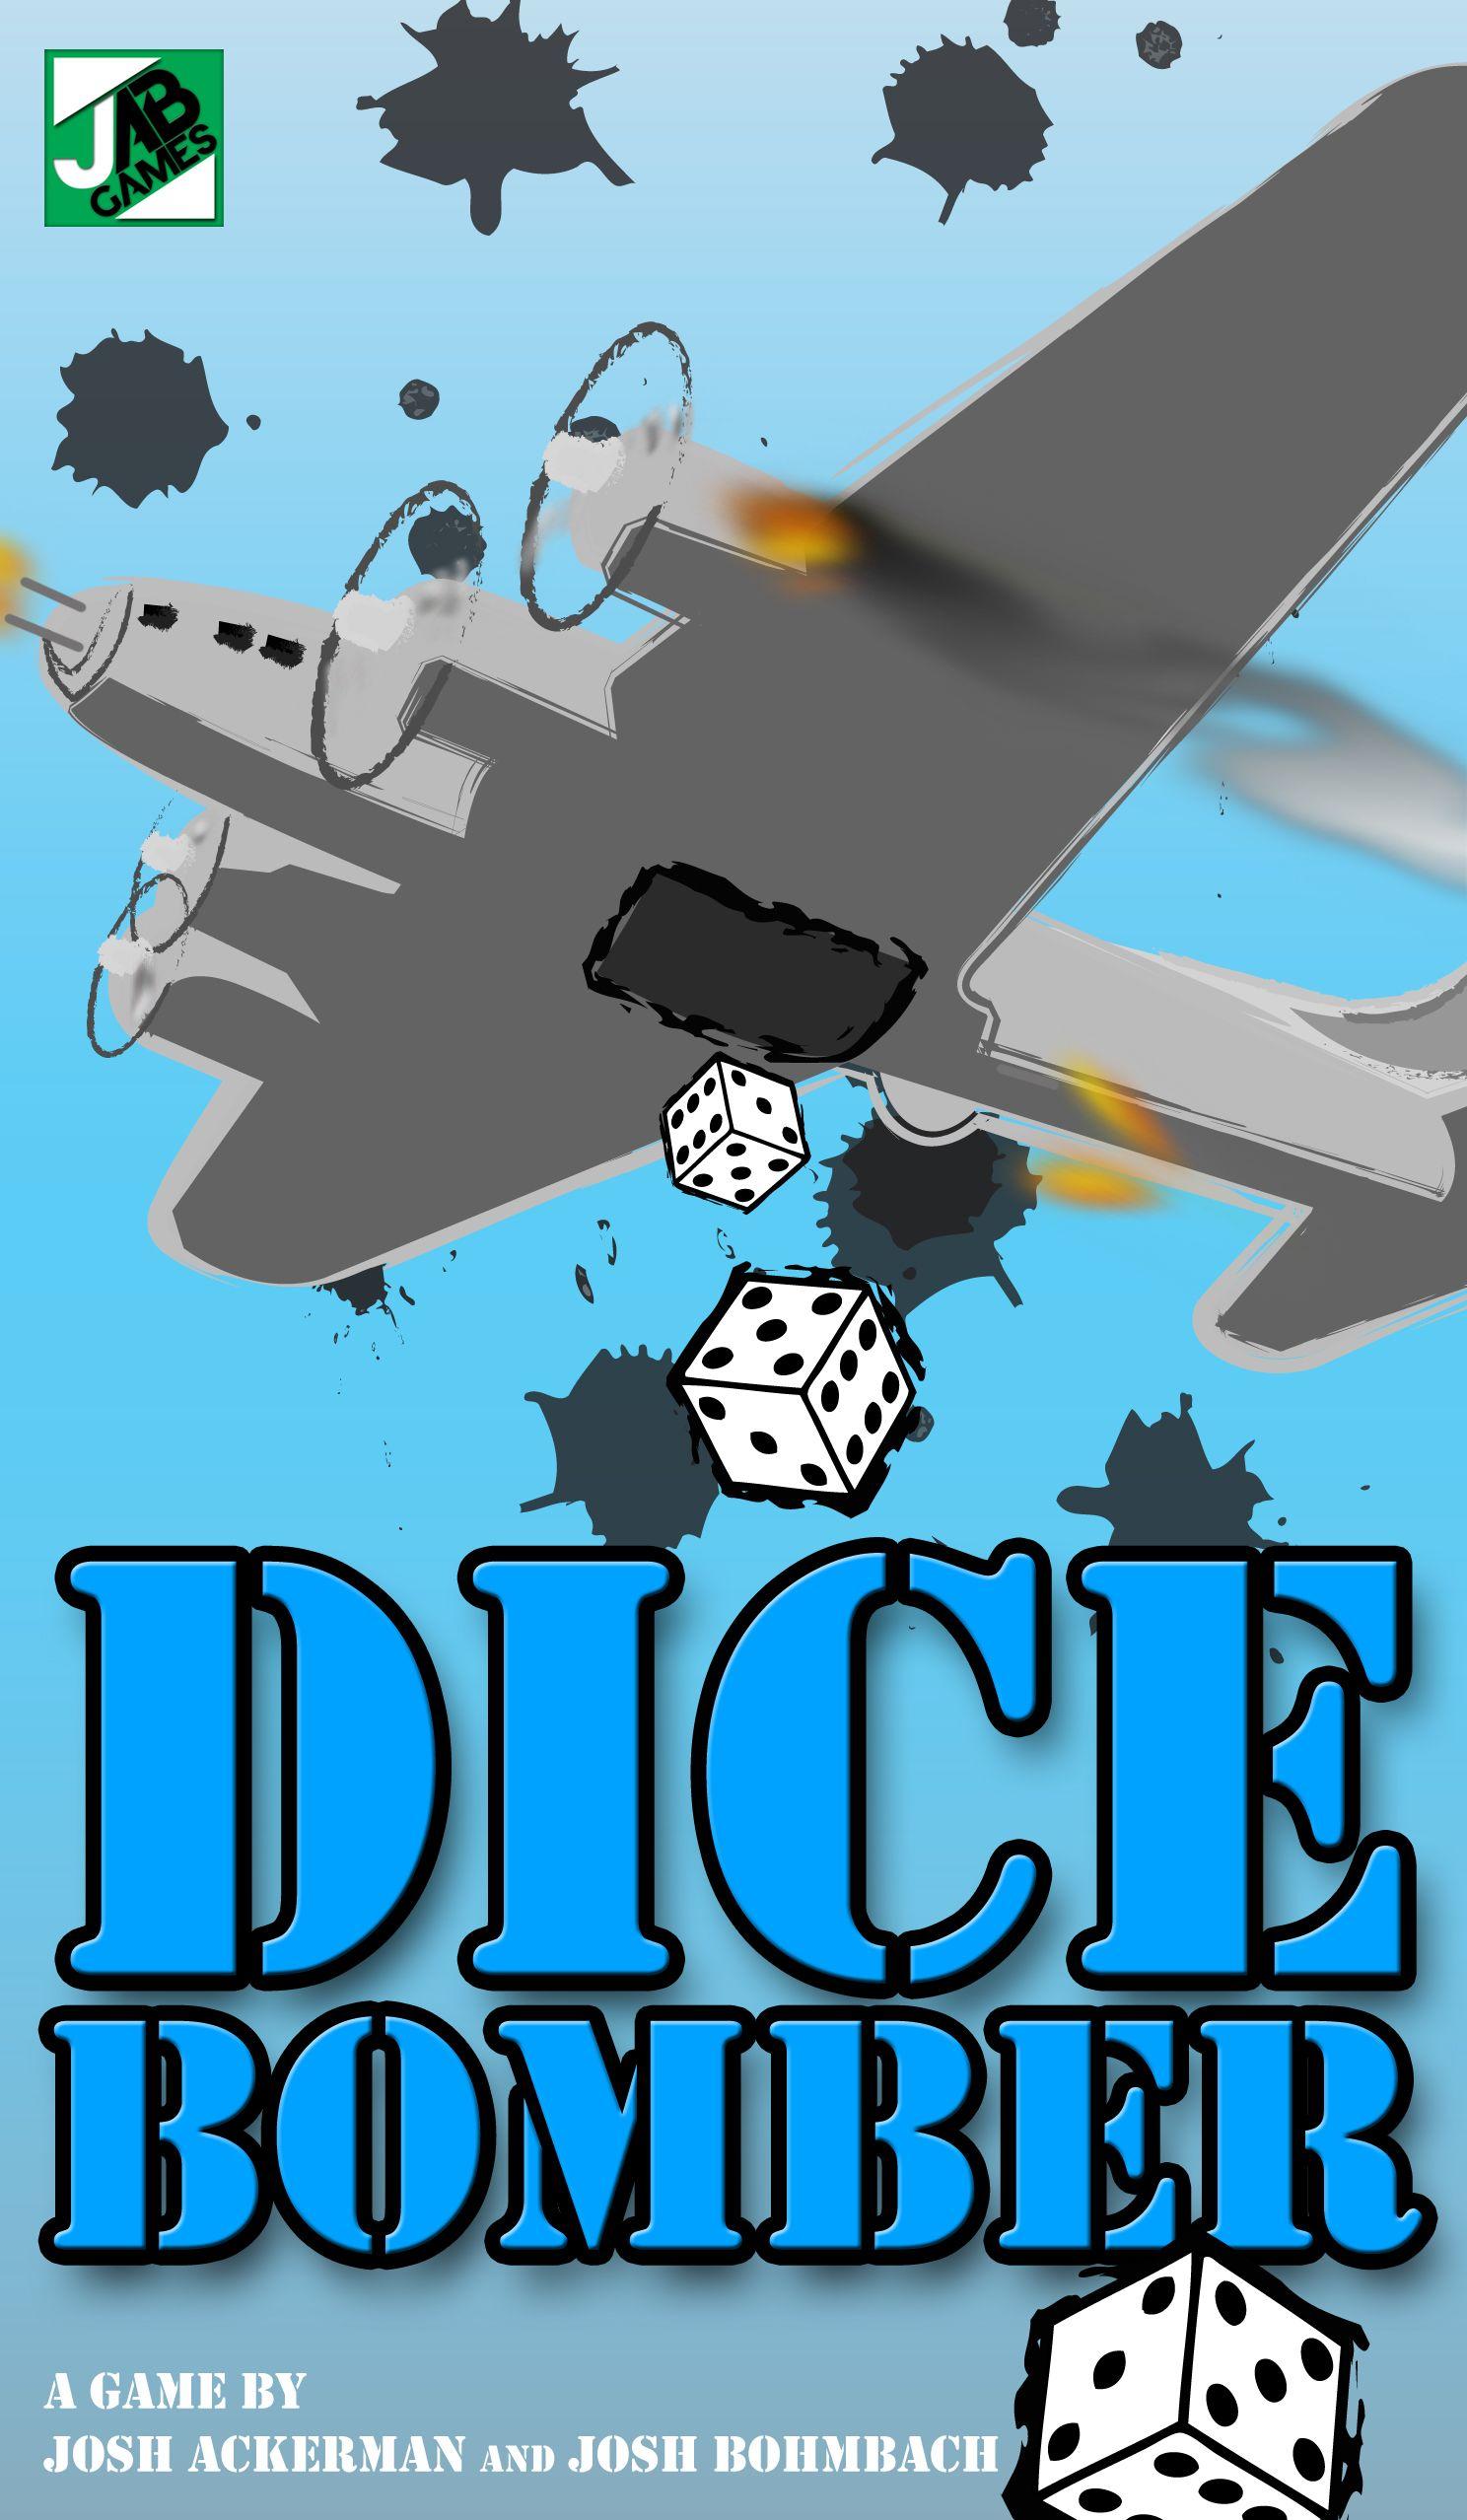 Dice Bomber